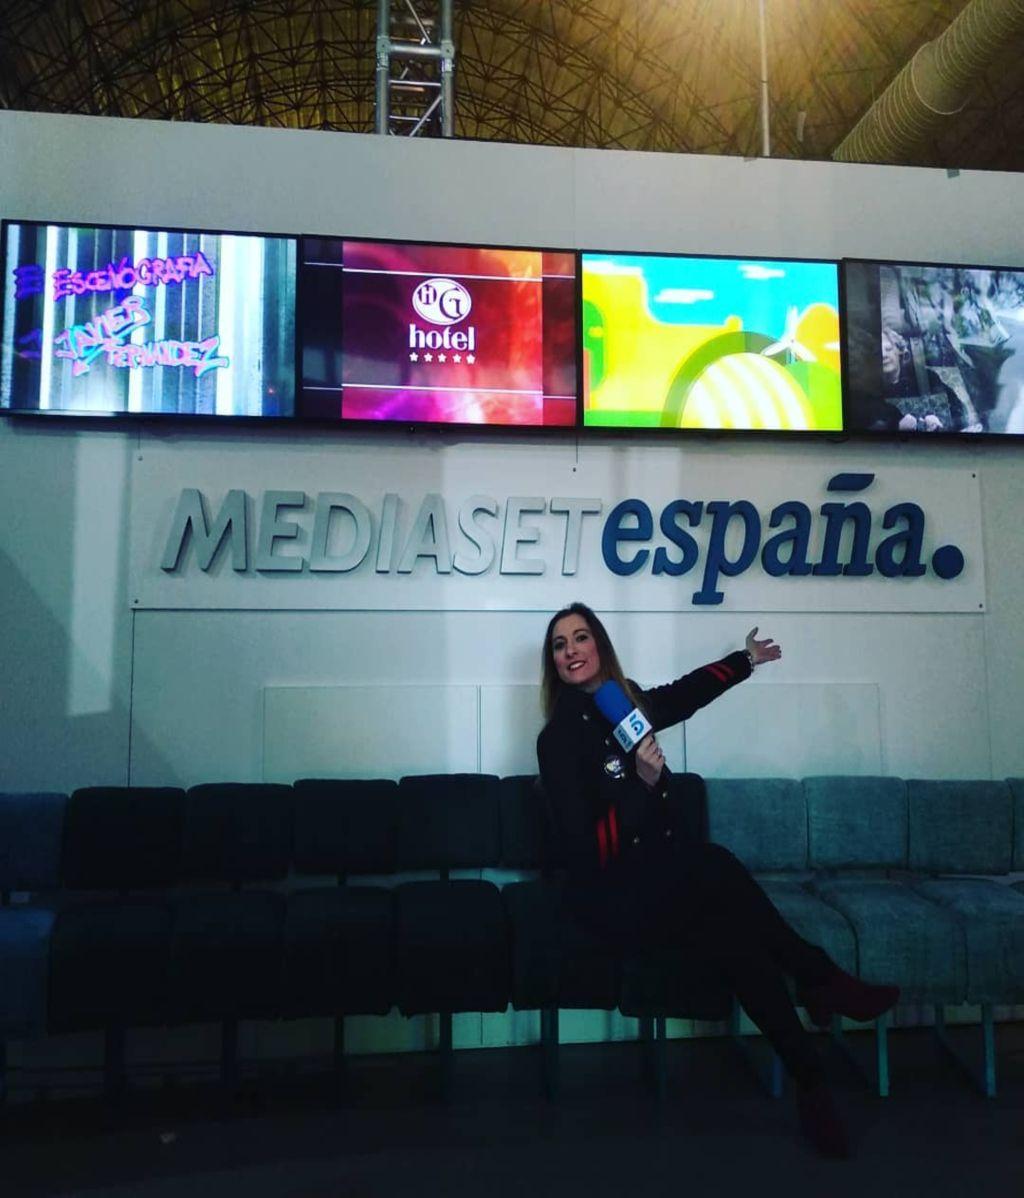 Recepción de Mediaset